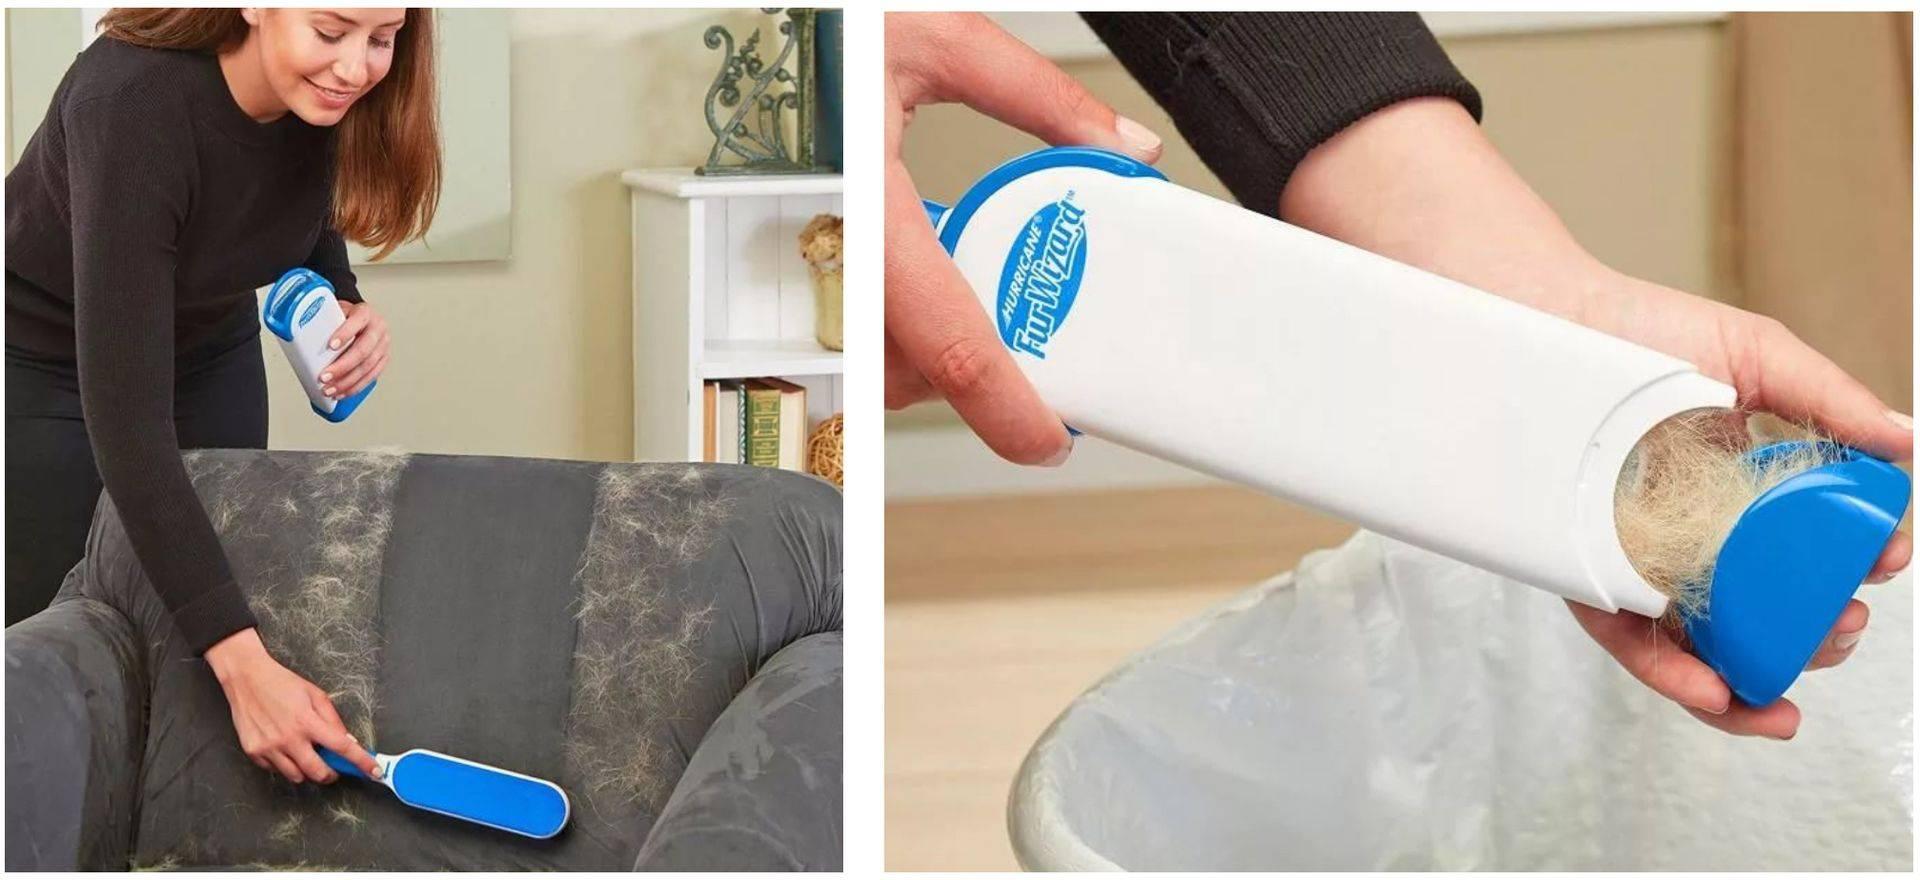 20 способов, как быстро избавиться от бельевых вшей в домашних условиях